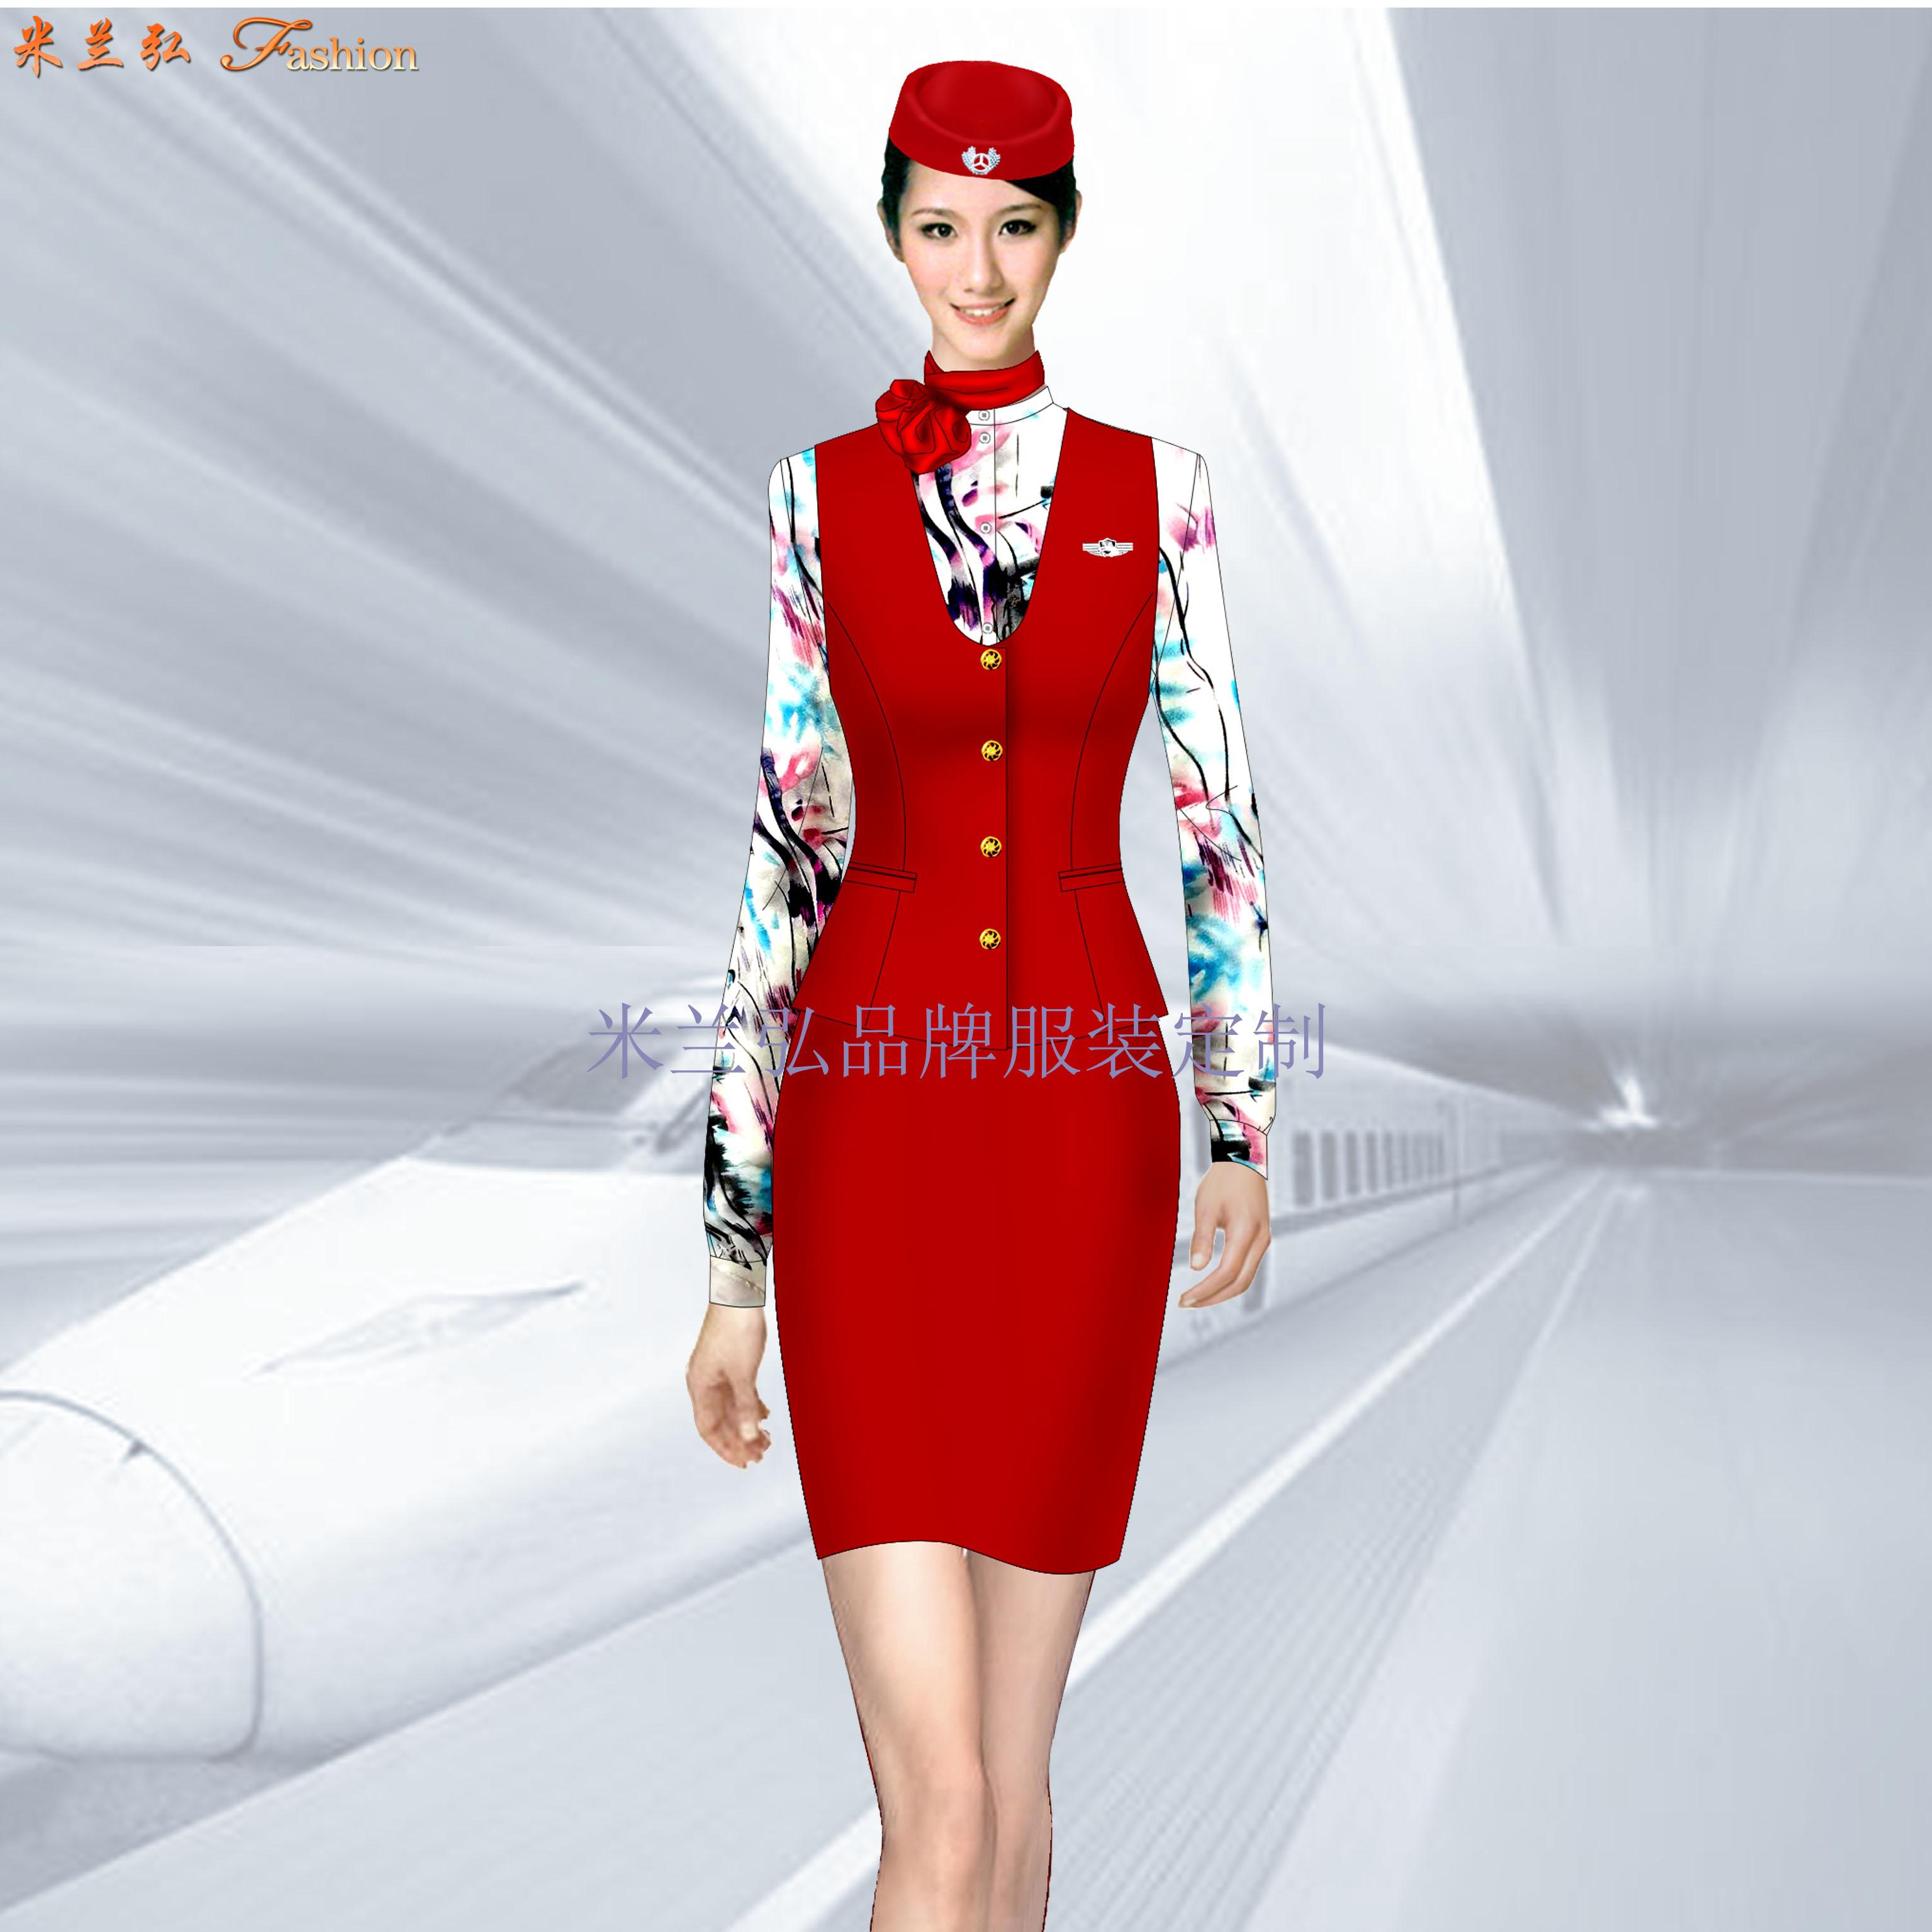 定做空姐服-專業訂制航空公司空姐服-米蘭弘服裝廠家-5